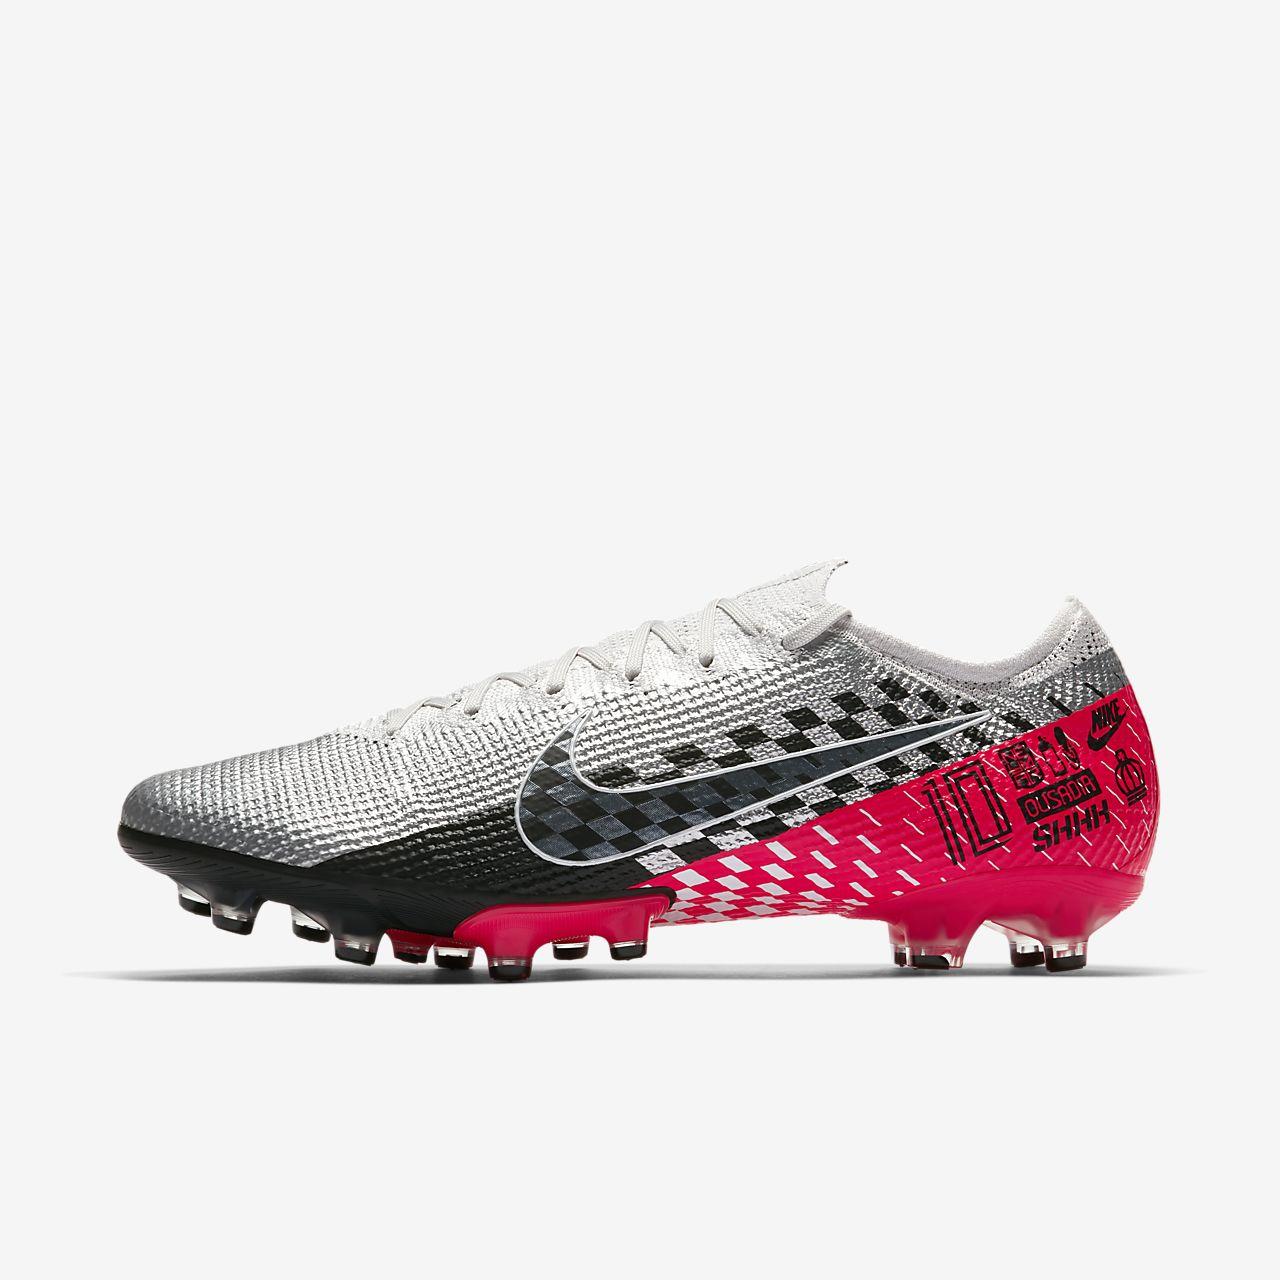 Calzado de fútbol para césped artificial Nike Mercurial Vapor 13 Elite Neymar Jr AG-PRO